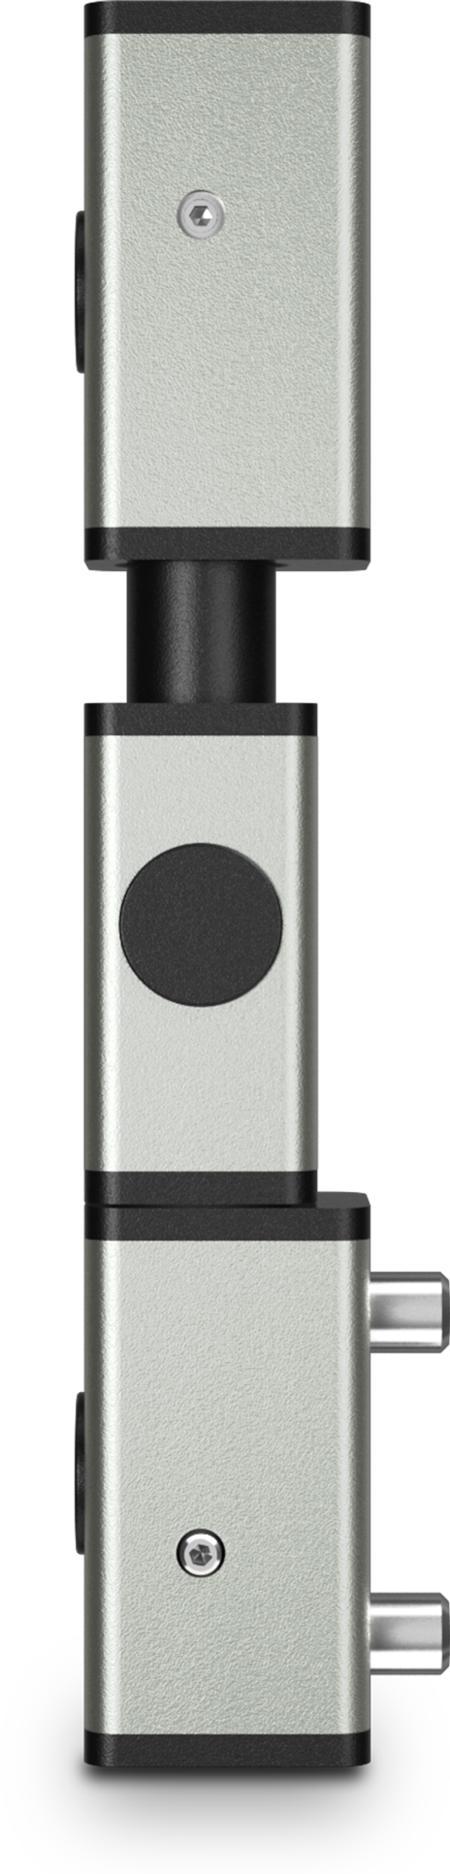 Eckscharnier 3-teilig Edelstahl, gesandstrahlt, rechts und links verwendbar, teilmontiert, steigend, 8 mm höheneinstellbar, für Türen ab 35 mm Überschlag, mit Zapfen, mit schwarzen Abdeckkappen